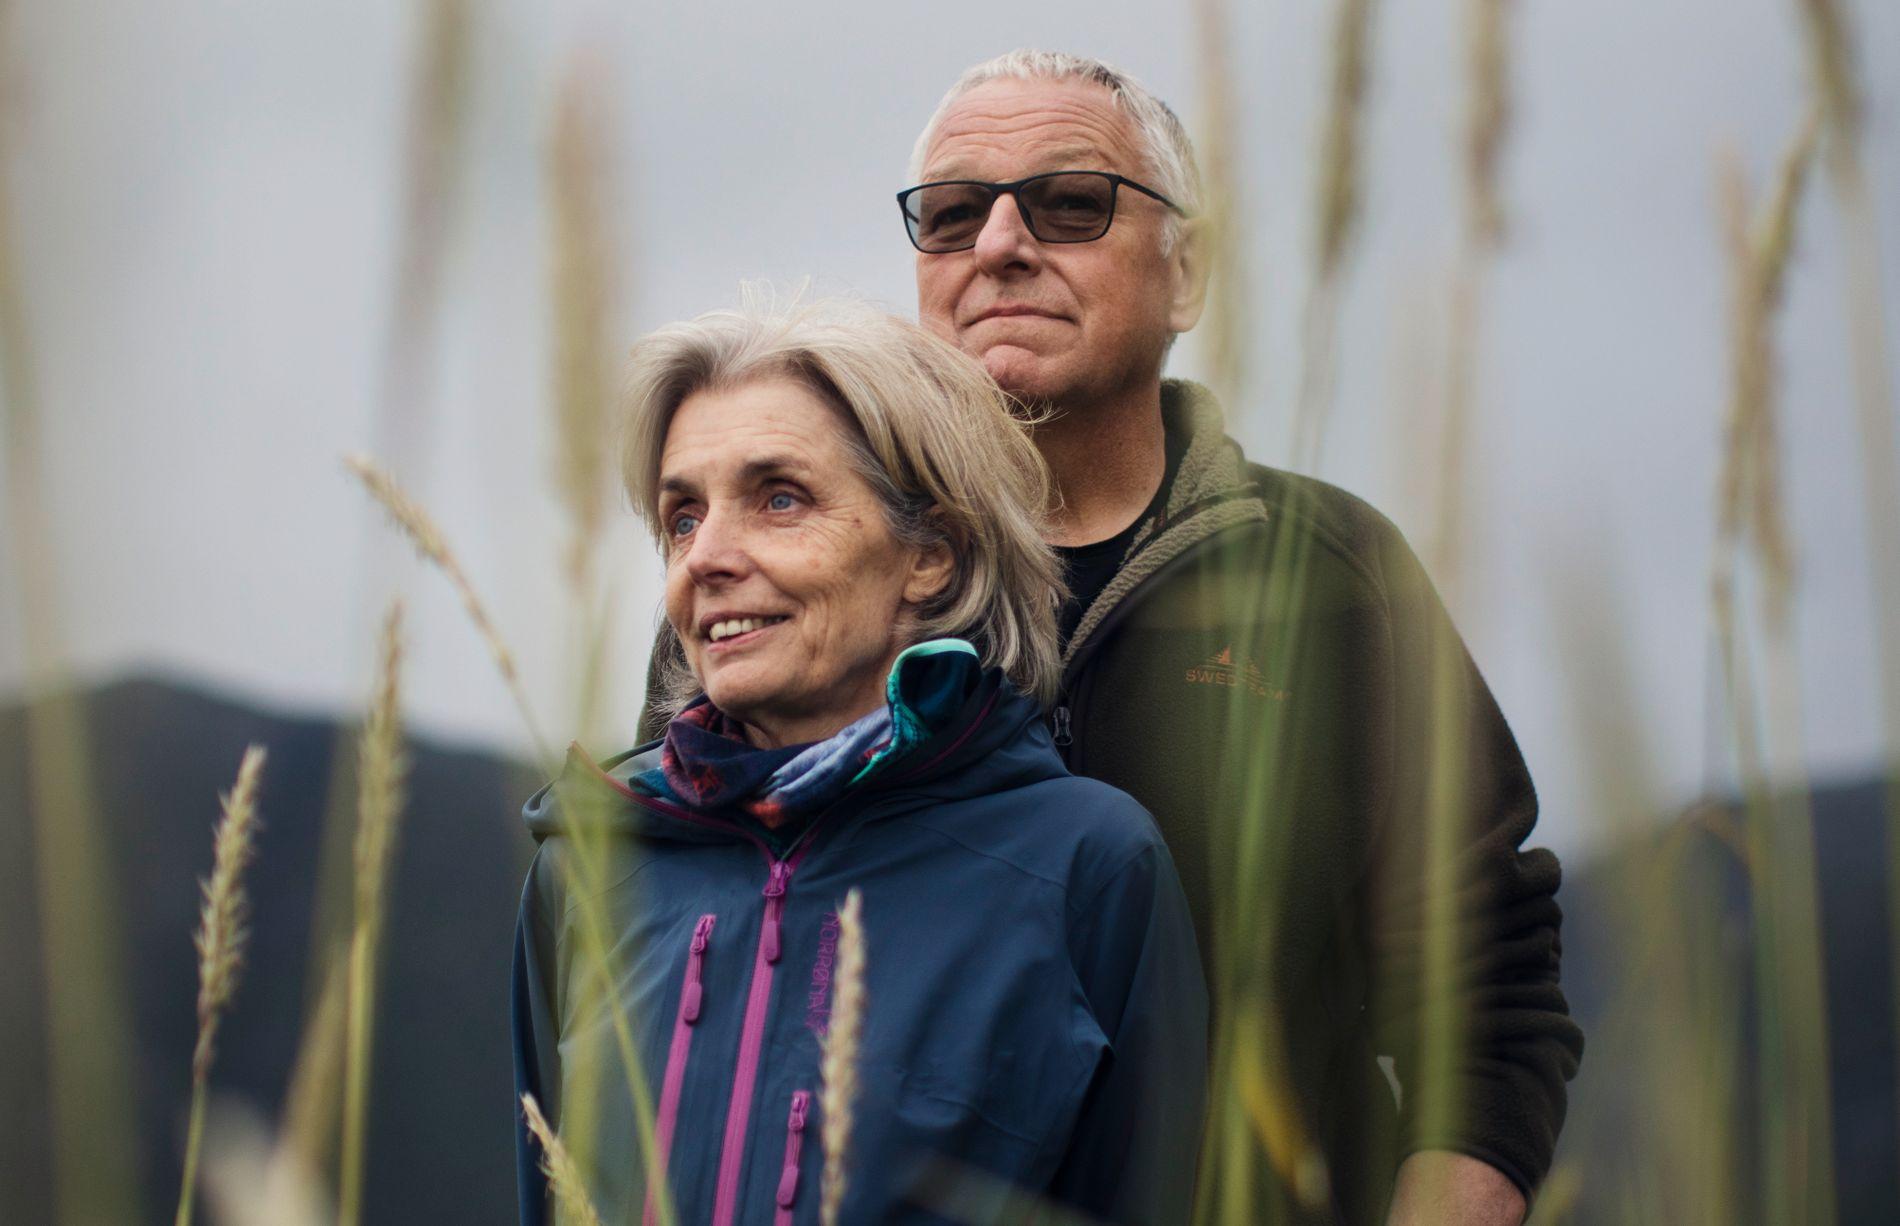 FORFATTERPAR: Roy Jacobsen har for første gang skrevet en roman sammen med sin kone Anneliese Pitz. Hun kunne et «glemt» skriftspråk som vekket til live en for lengst avdød 90-årings tekst.